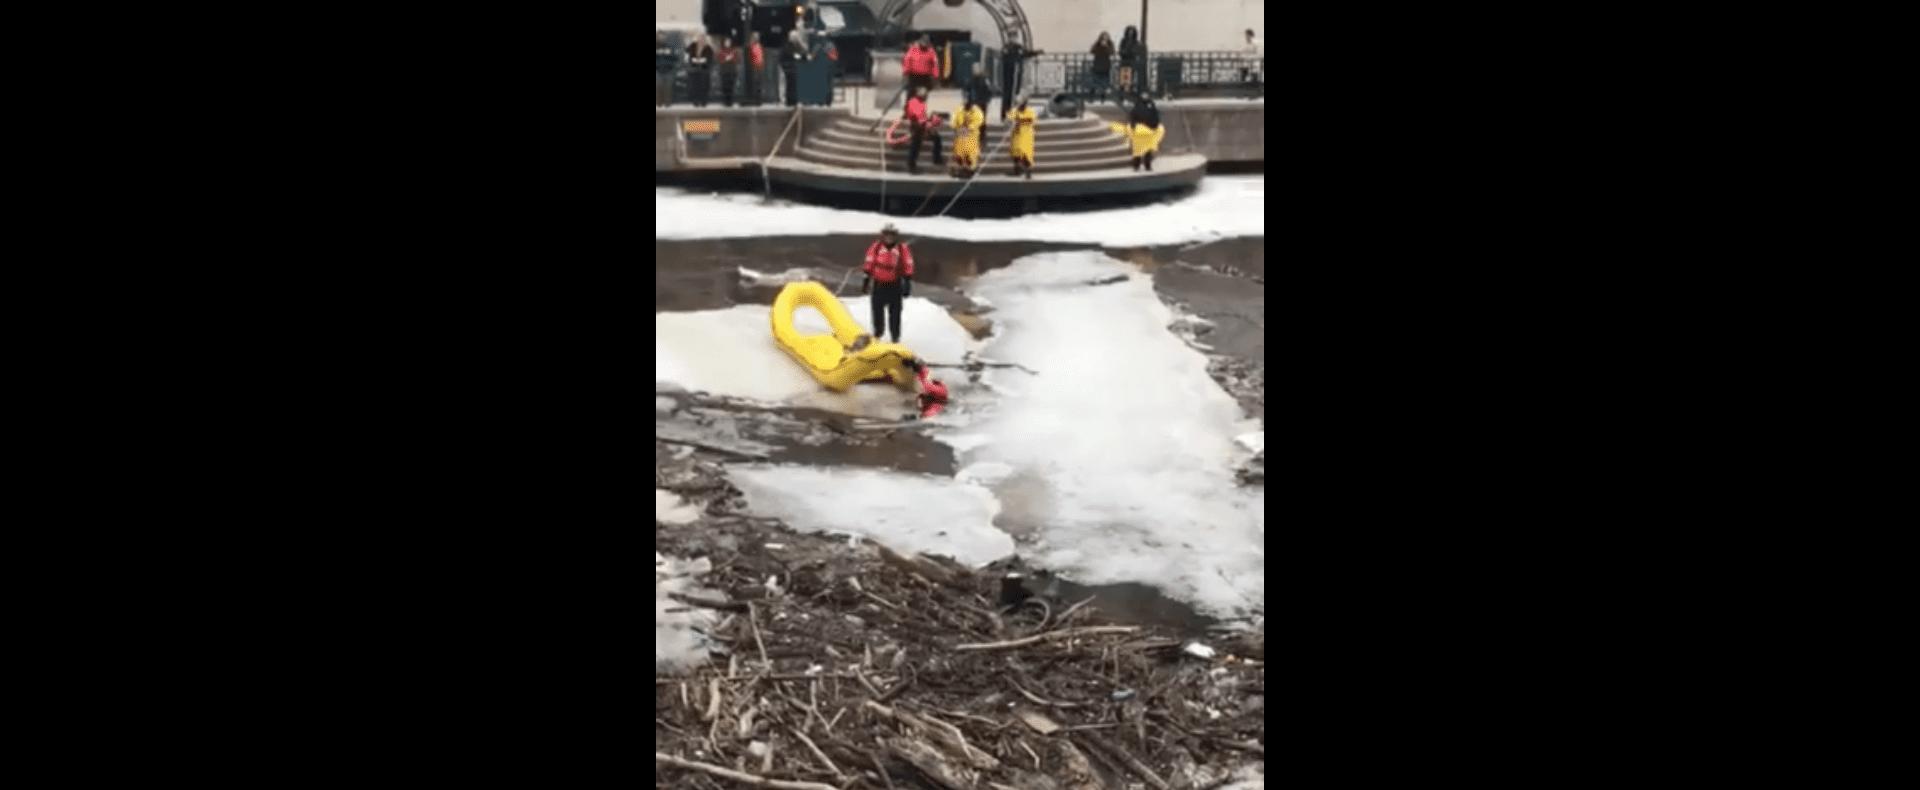 Les sauveteurs risquent leur vie sur la glace. Source: Facebook / beckie.curtiusjosephitis